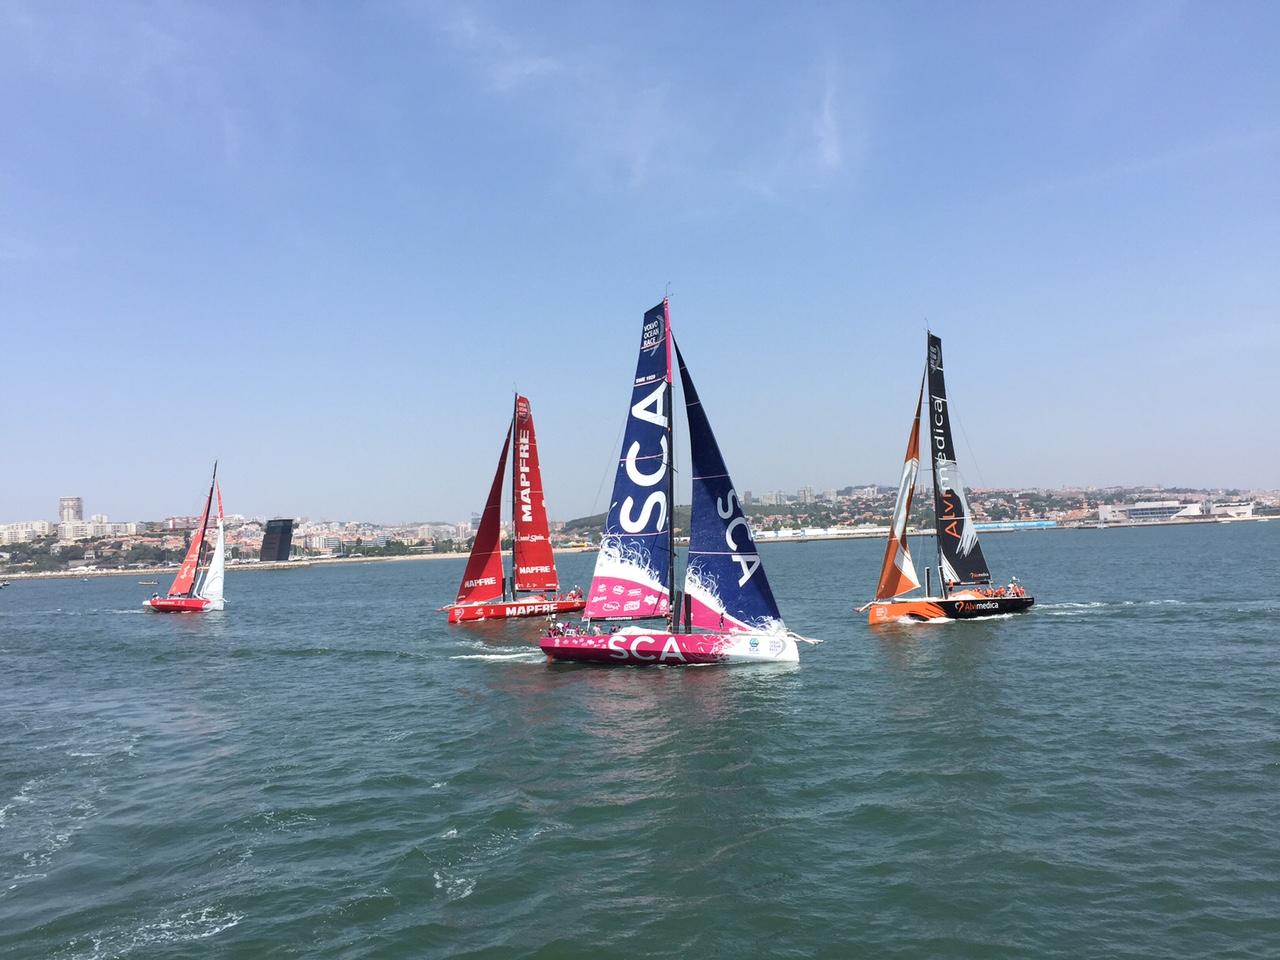 Volvo-Ocean-Race-stop-over-Herland